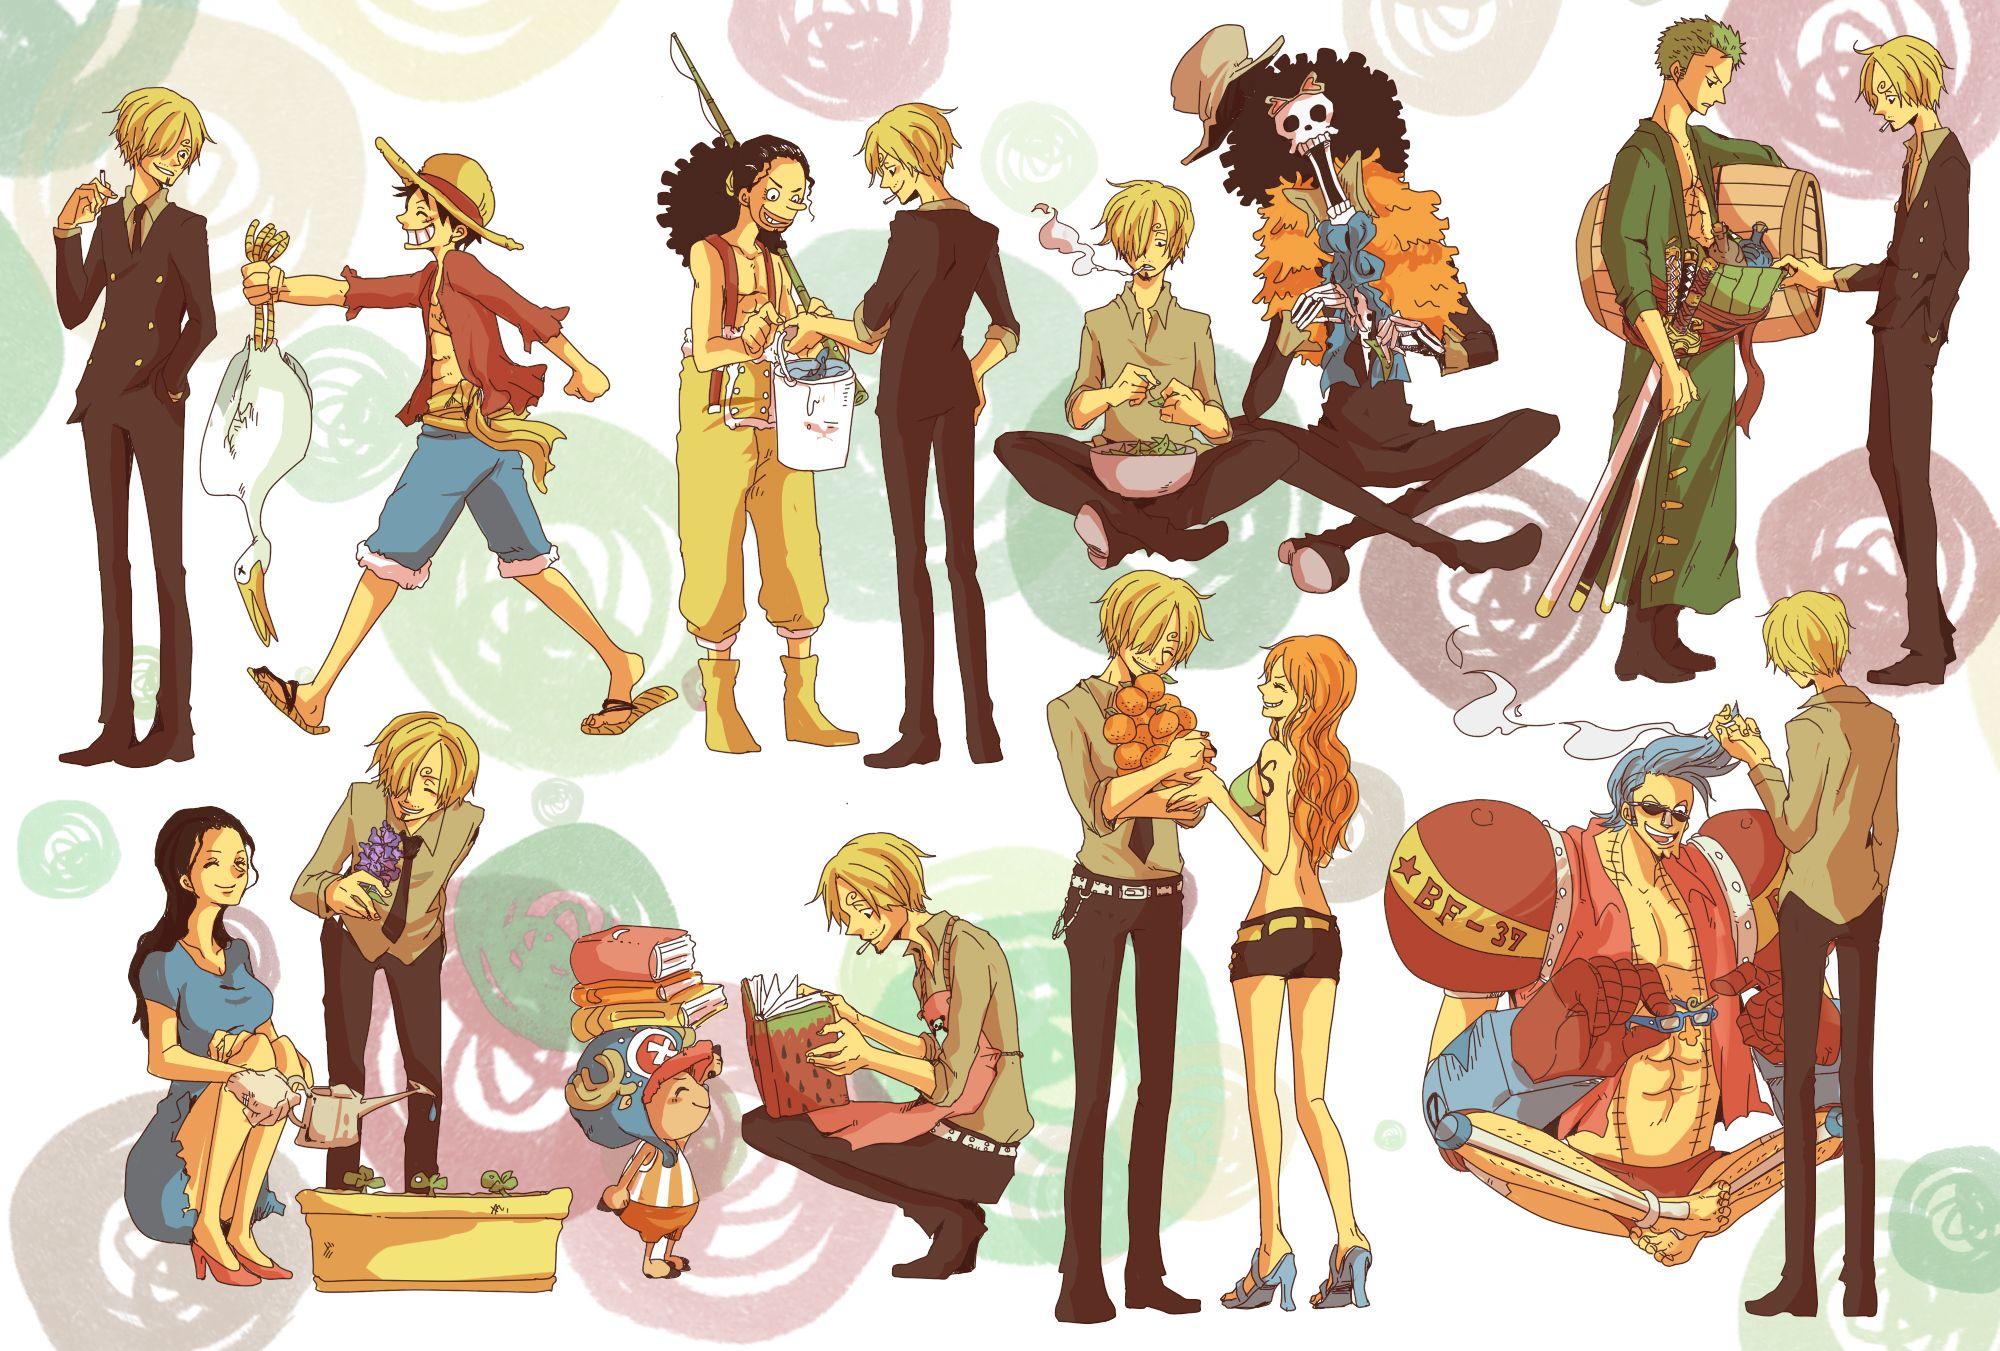 Tags: Fanart, ONE PIECE, Nami, Sanji, Franky, Nico Robin ...